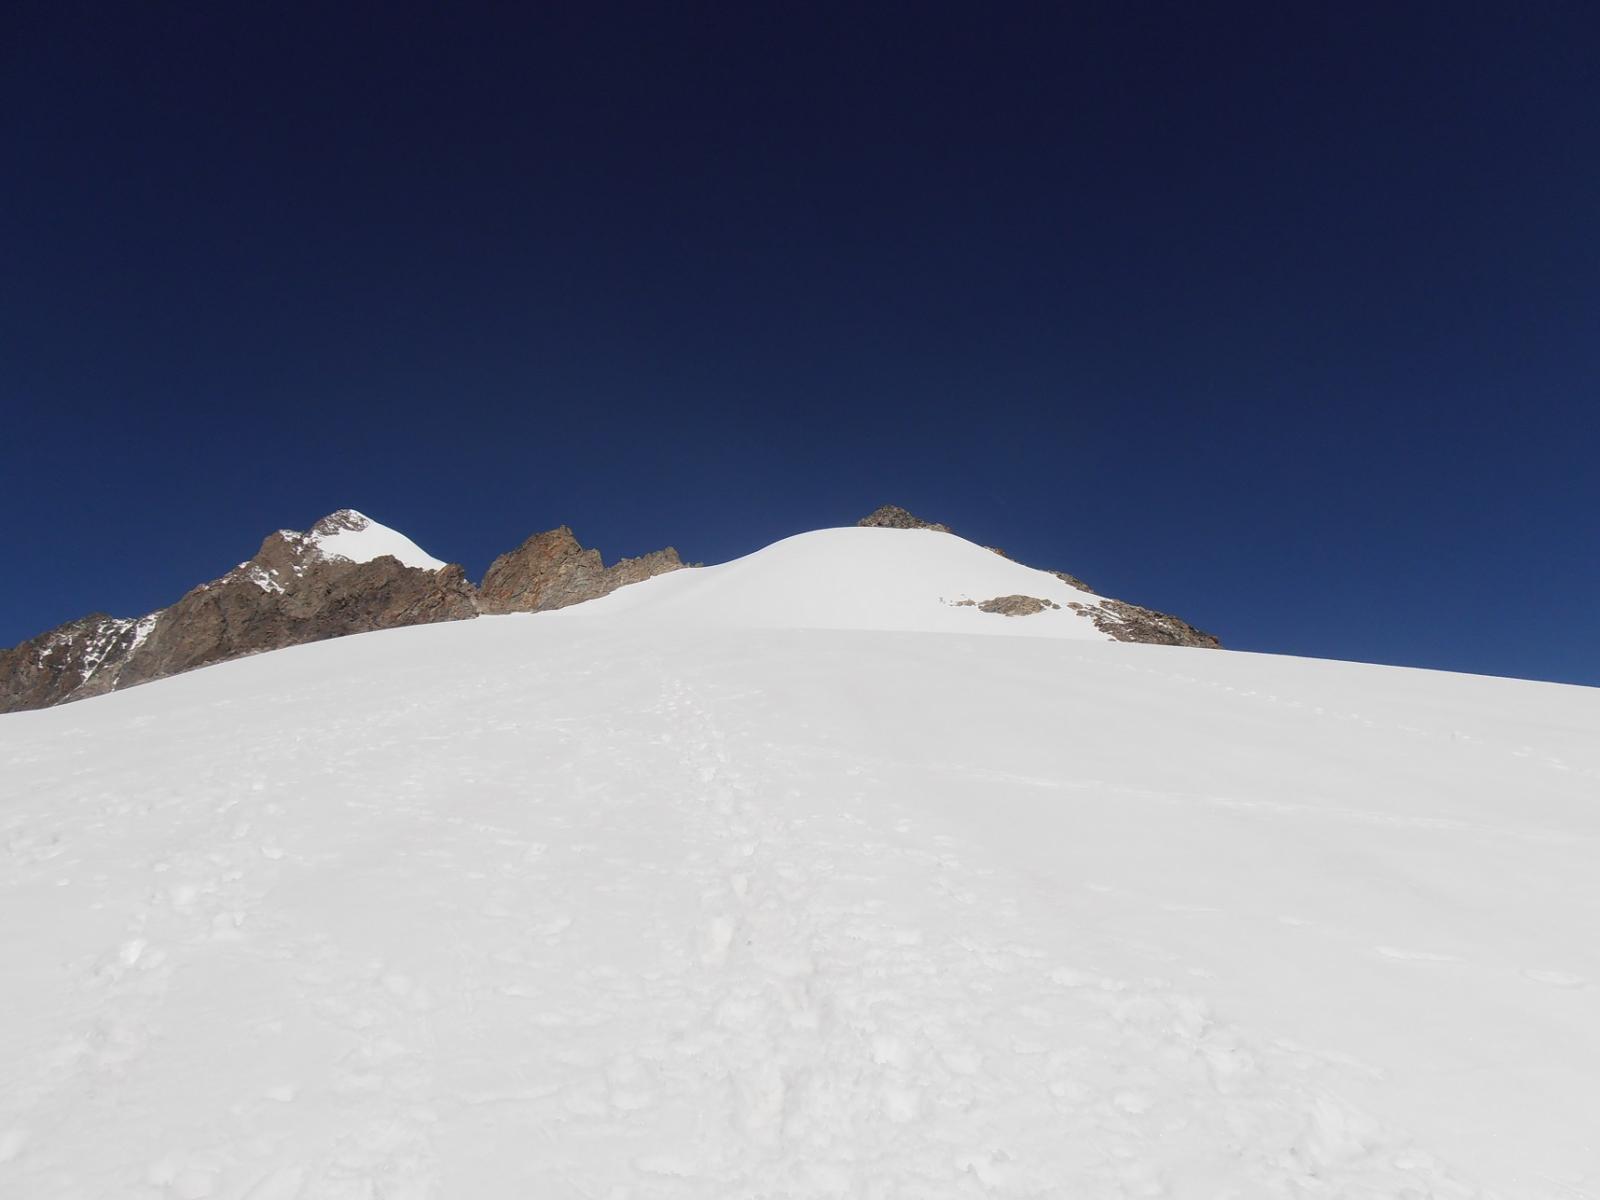 09 - a metà salita sul ghiacciaio